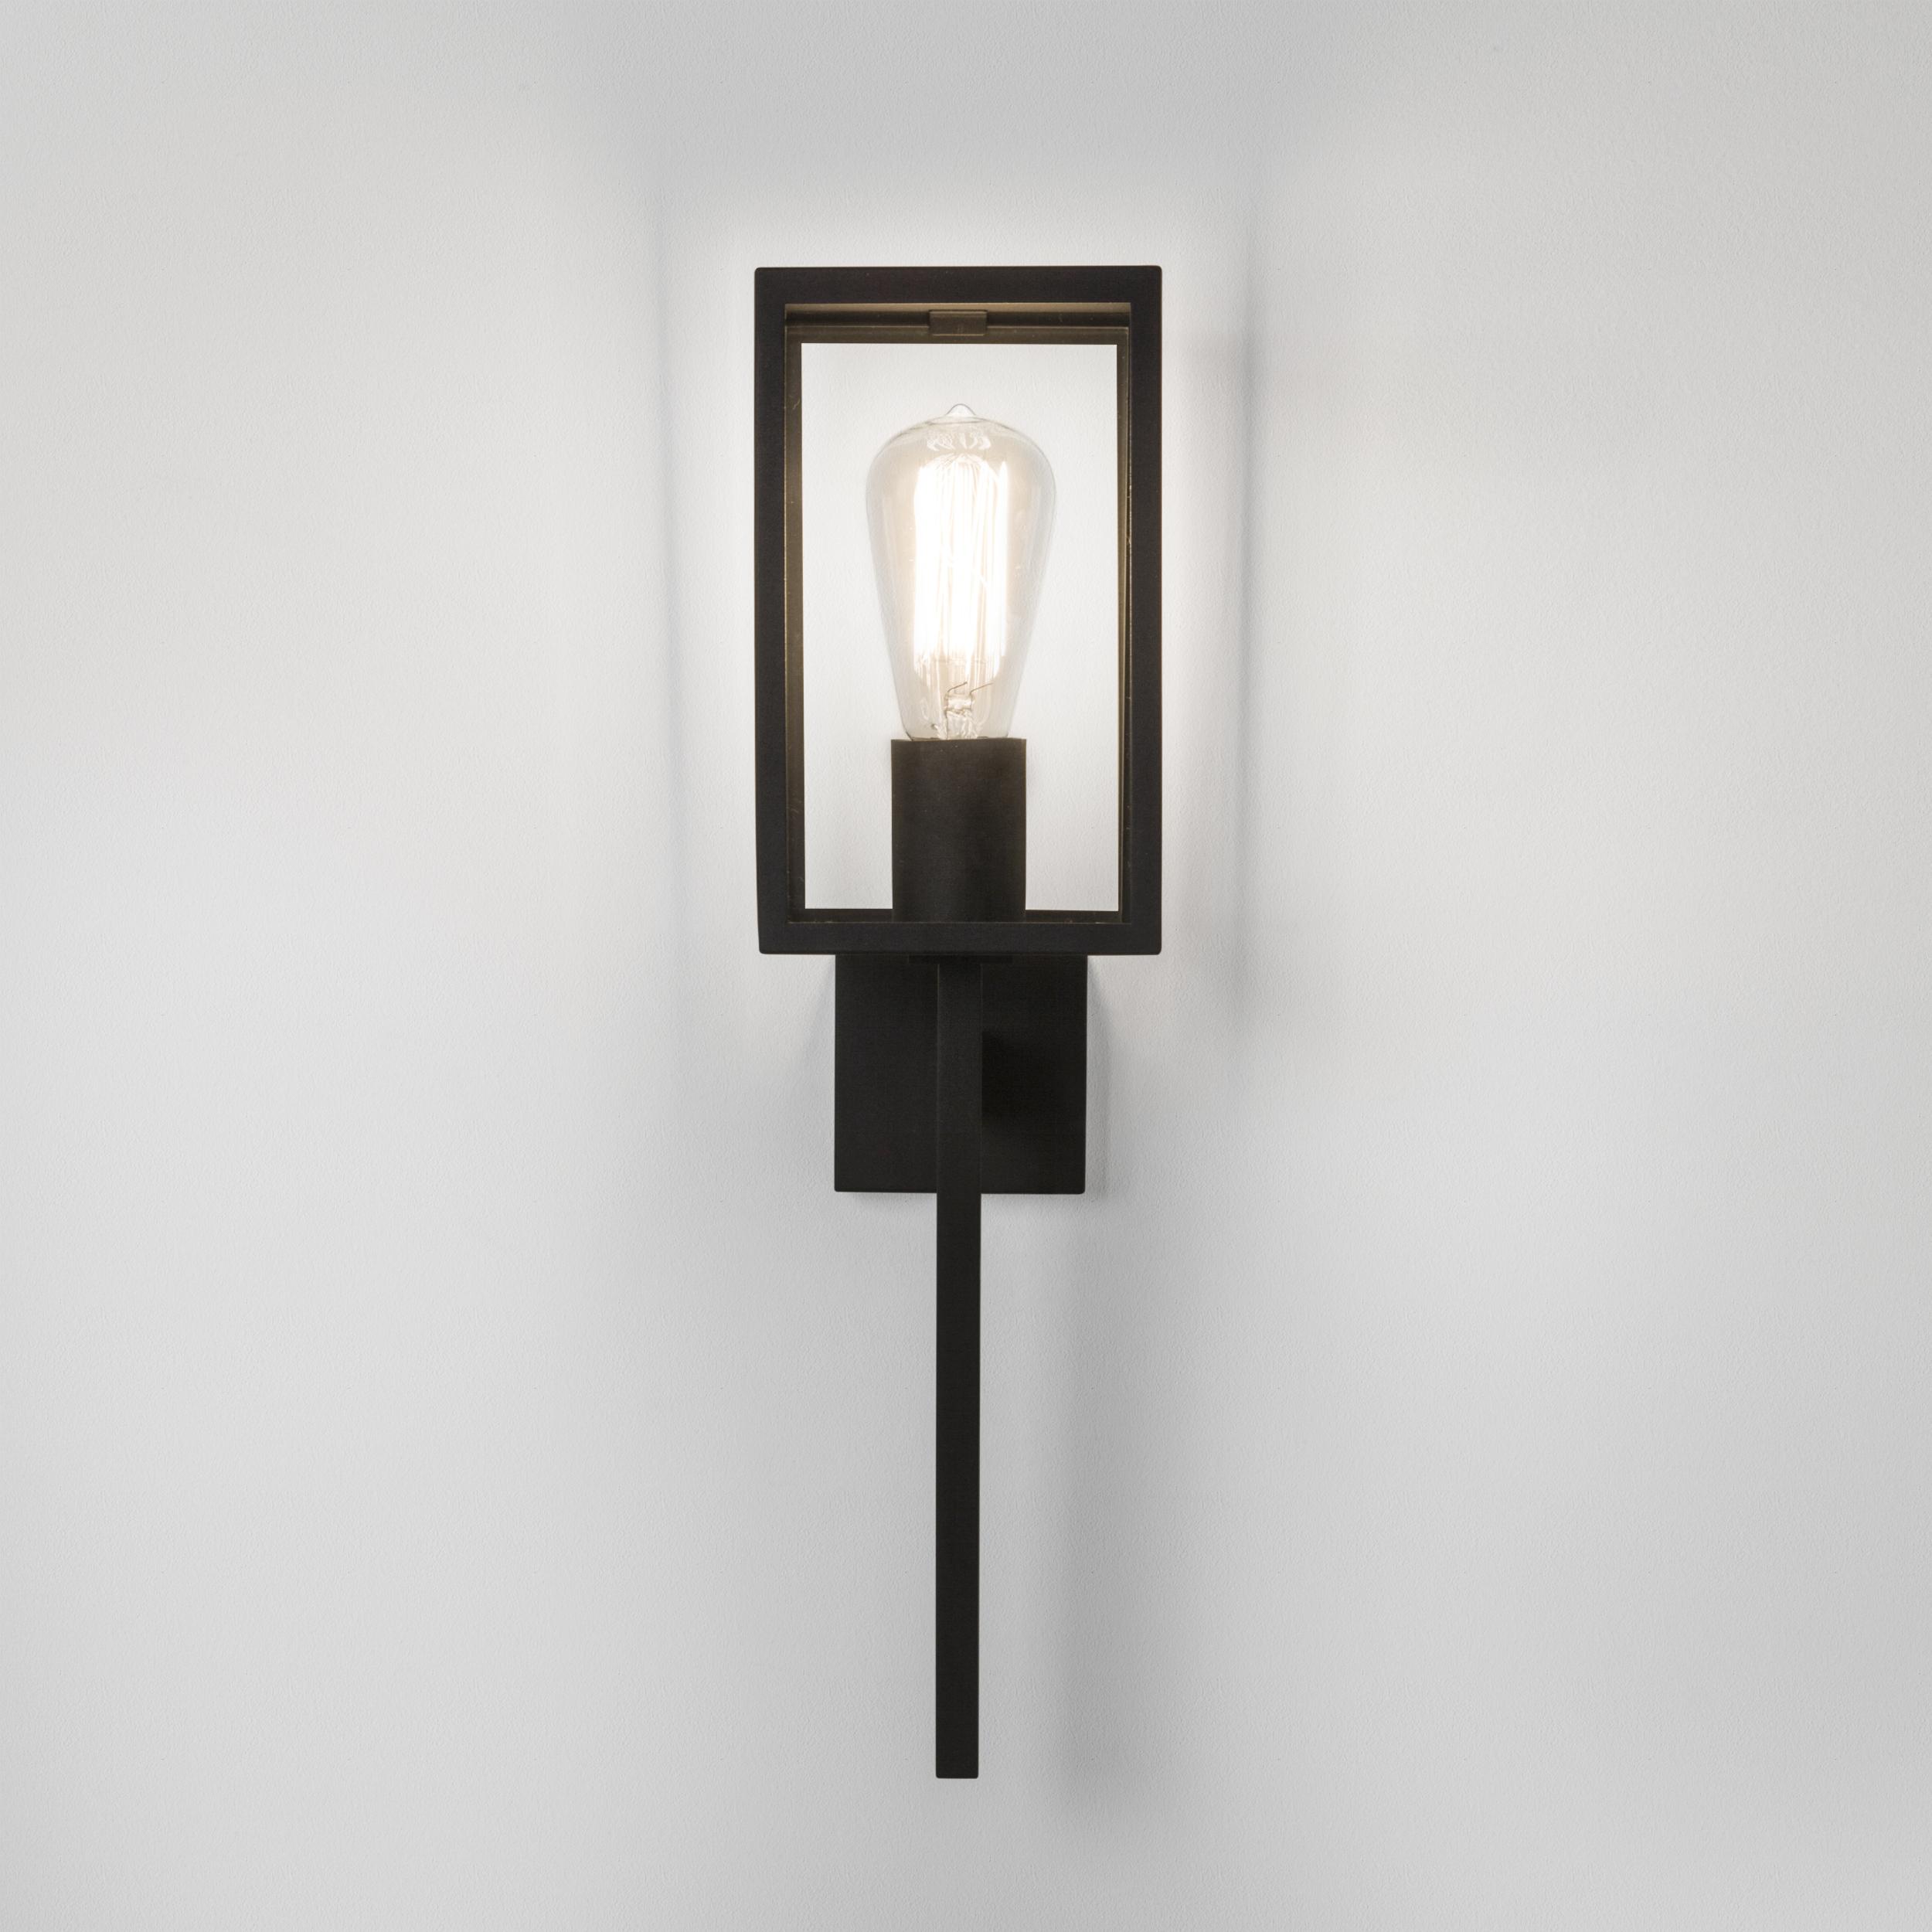 Настенный фонарь Astro Coach 1369001 (7563), IP44, 1xE27x60W, черный, прозрачный, металл, стекло - фото 2